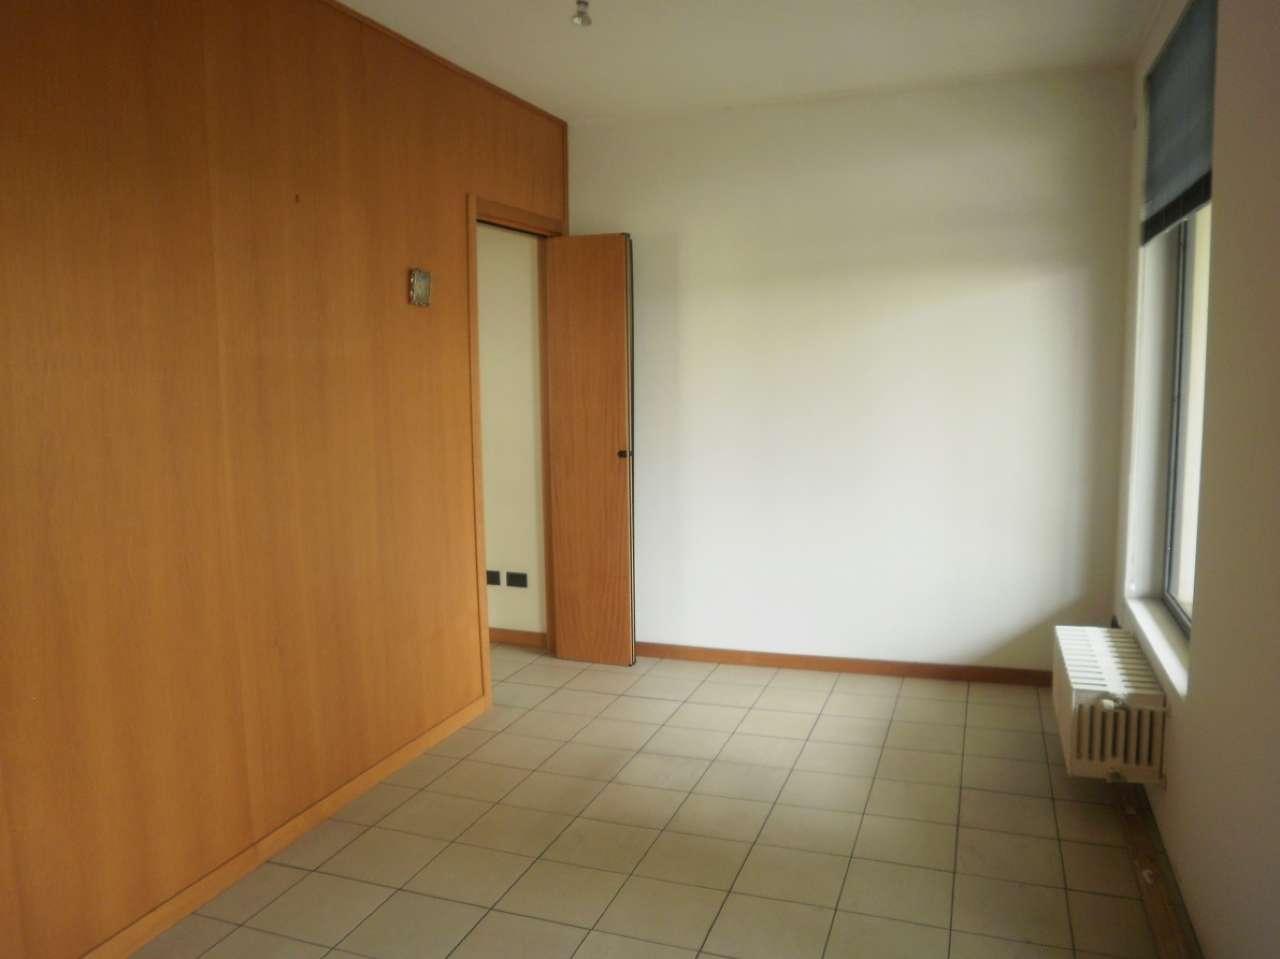 Ufficio / Studio in affitto a Cernusco sul Naviglio, 3 locali, prezzo € 850 | PortaleAgenzieImmobiliari.it